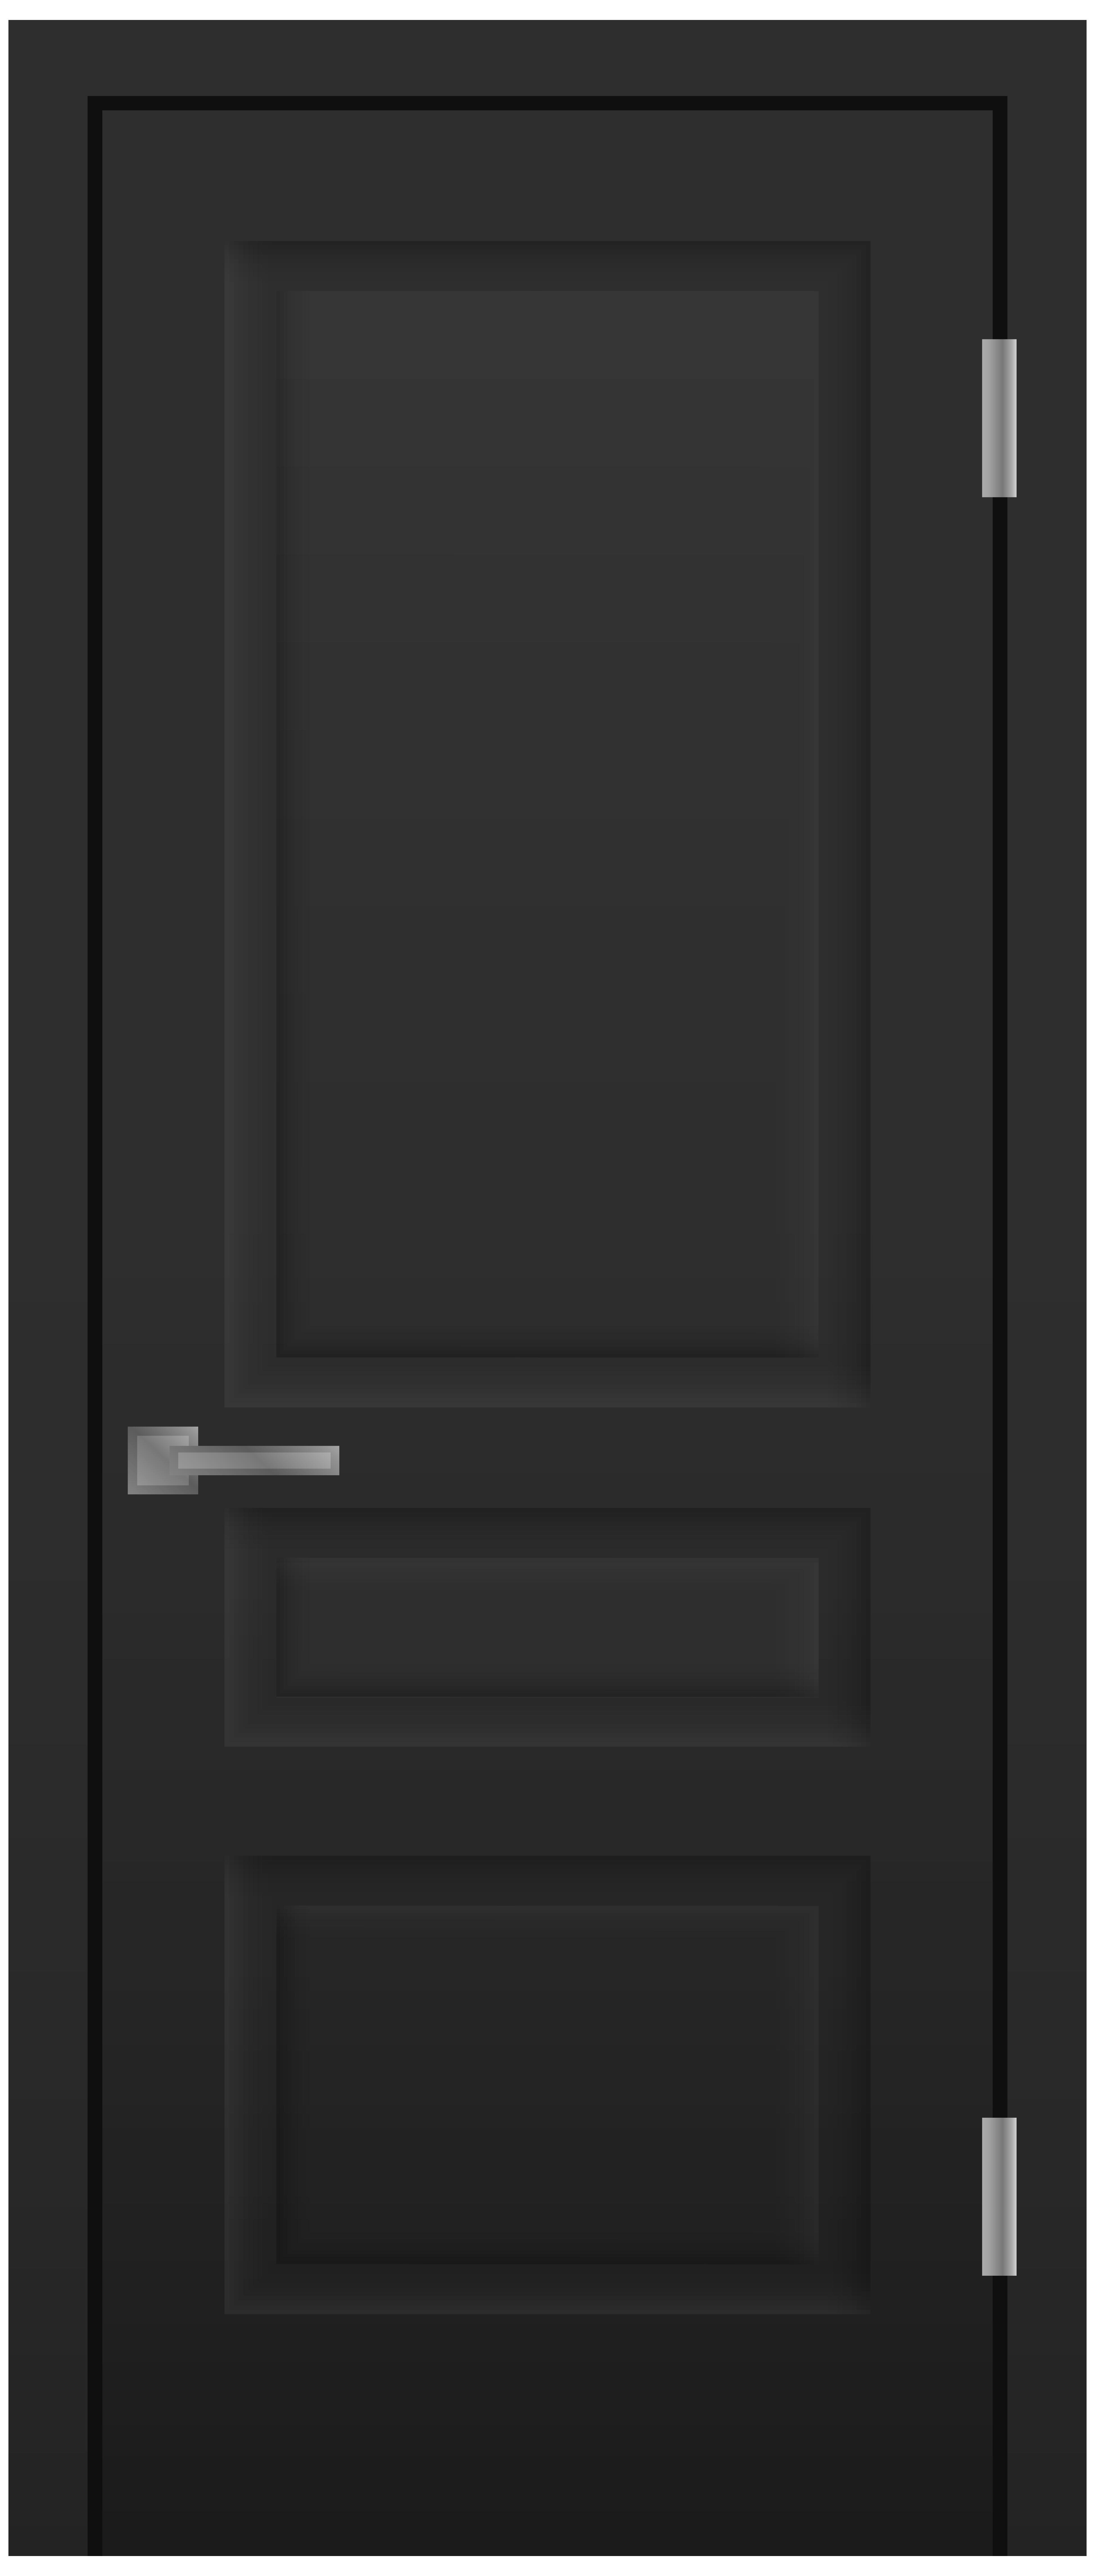 Door Black PNG Clip Art.